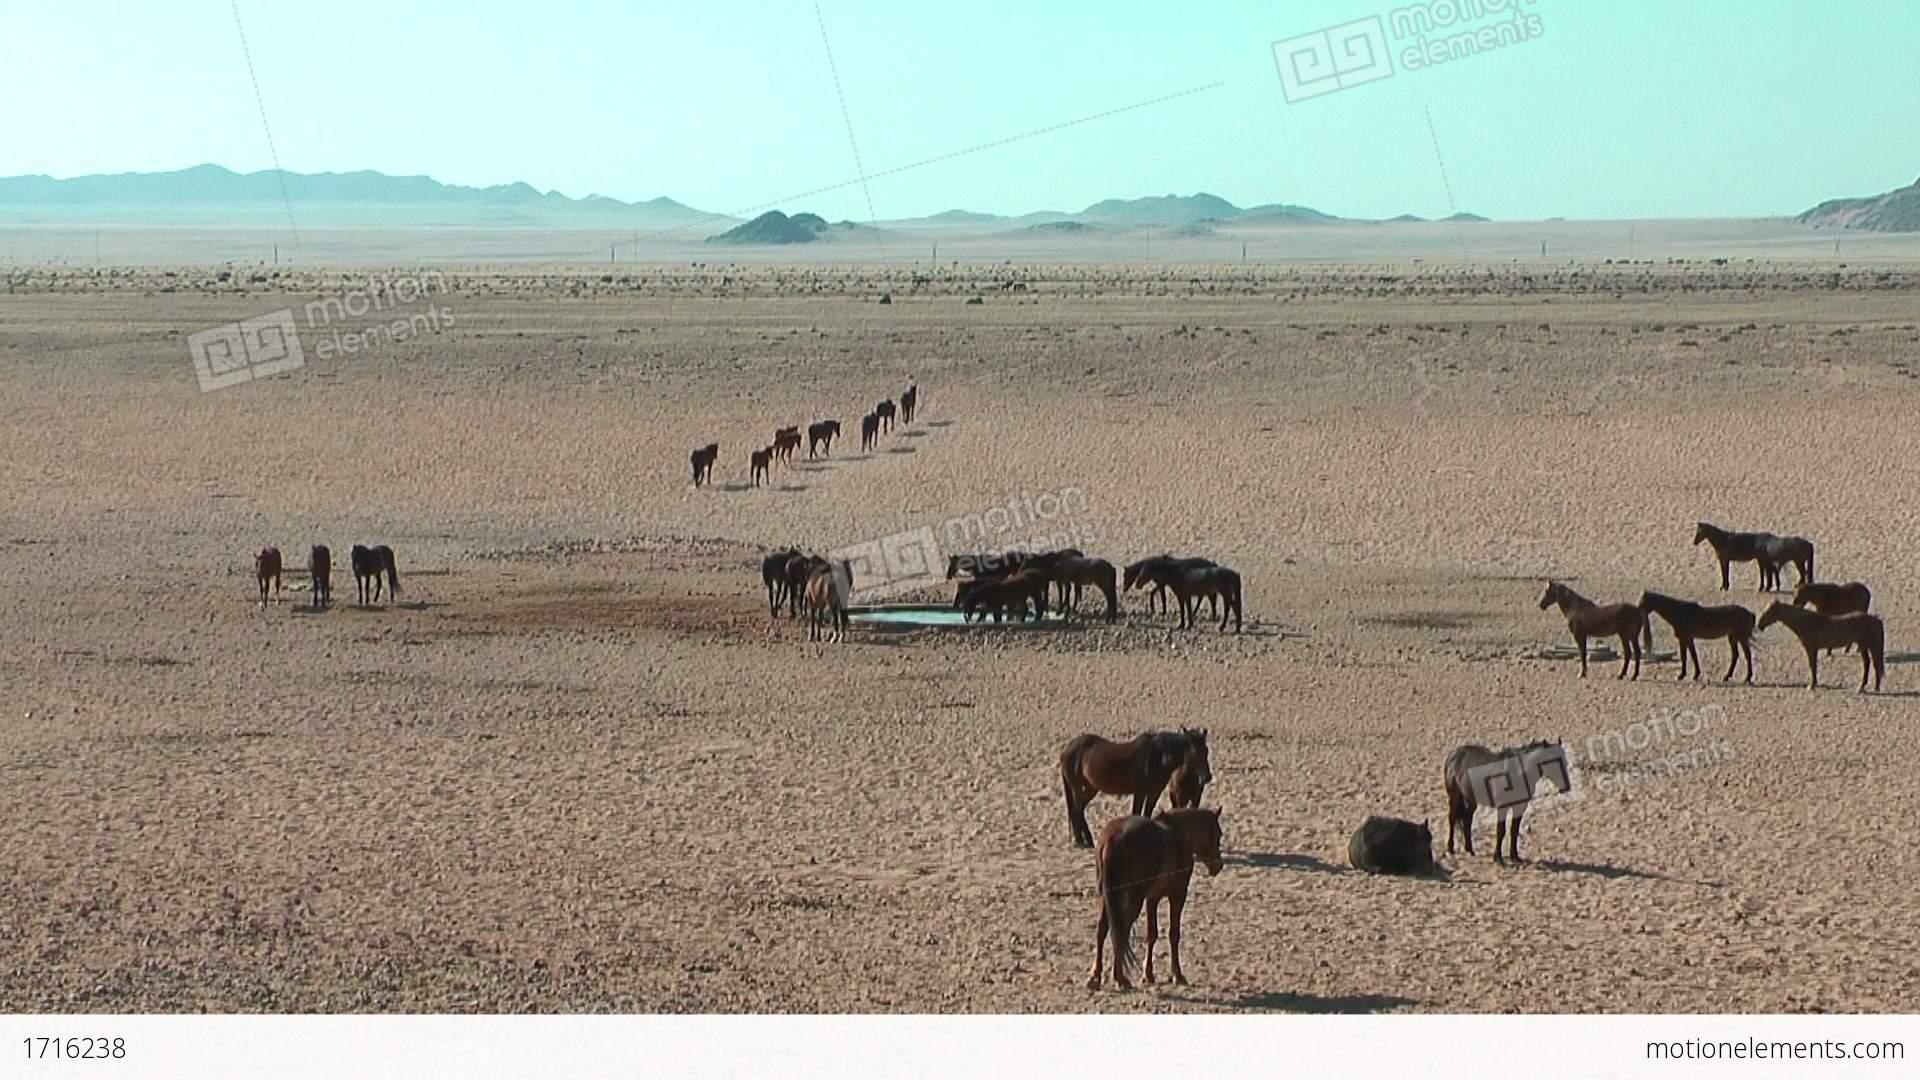 Namib Desert clipart #2, Download drawings